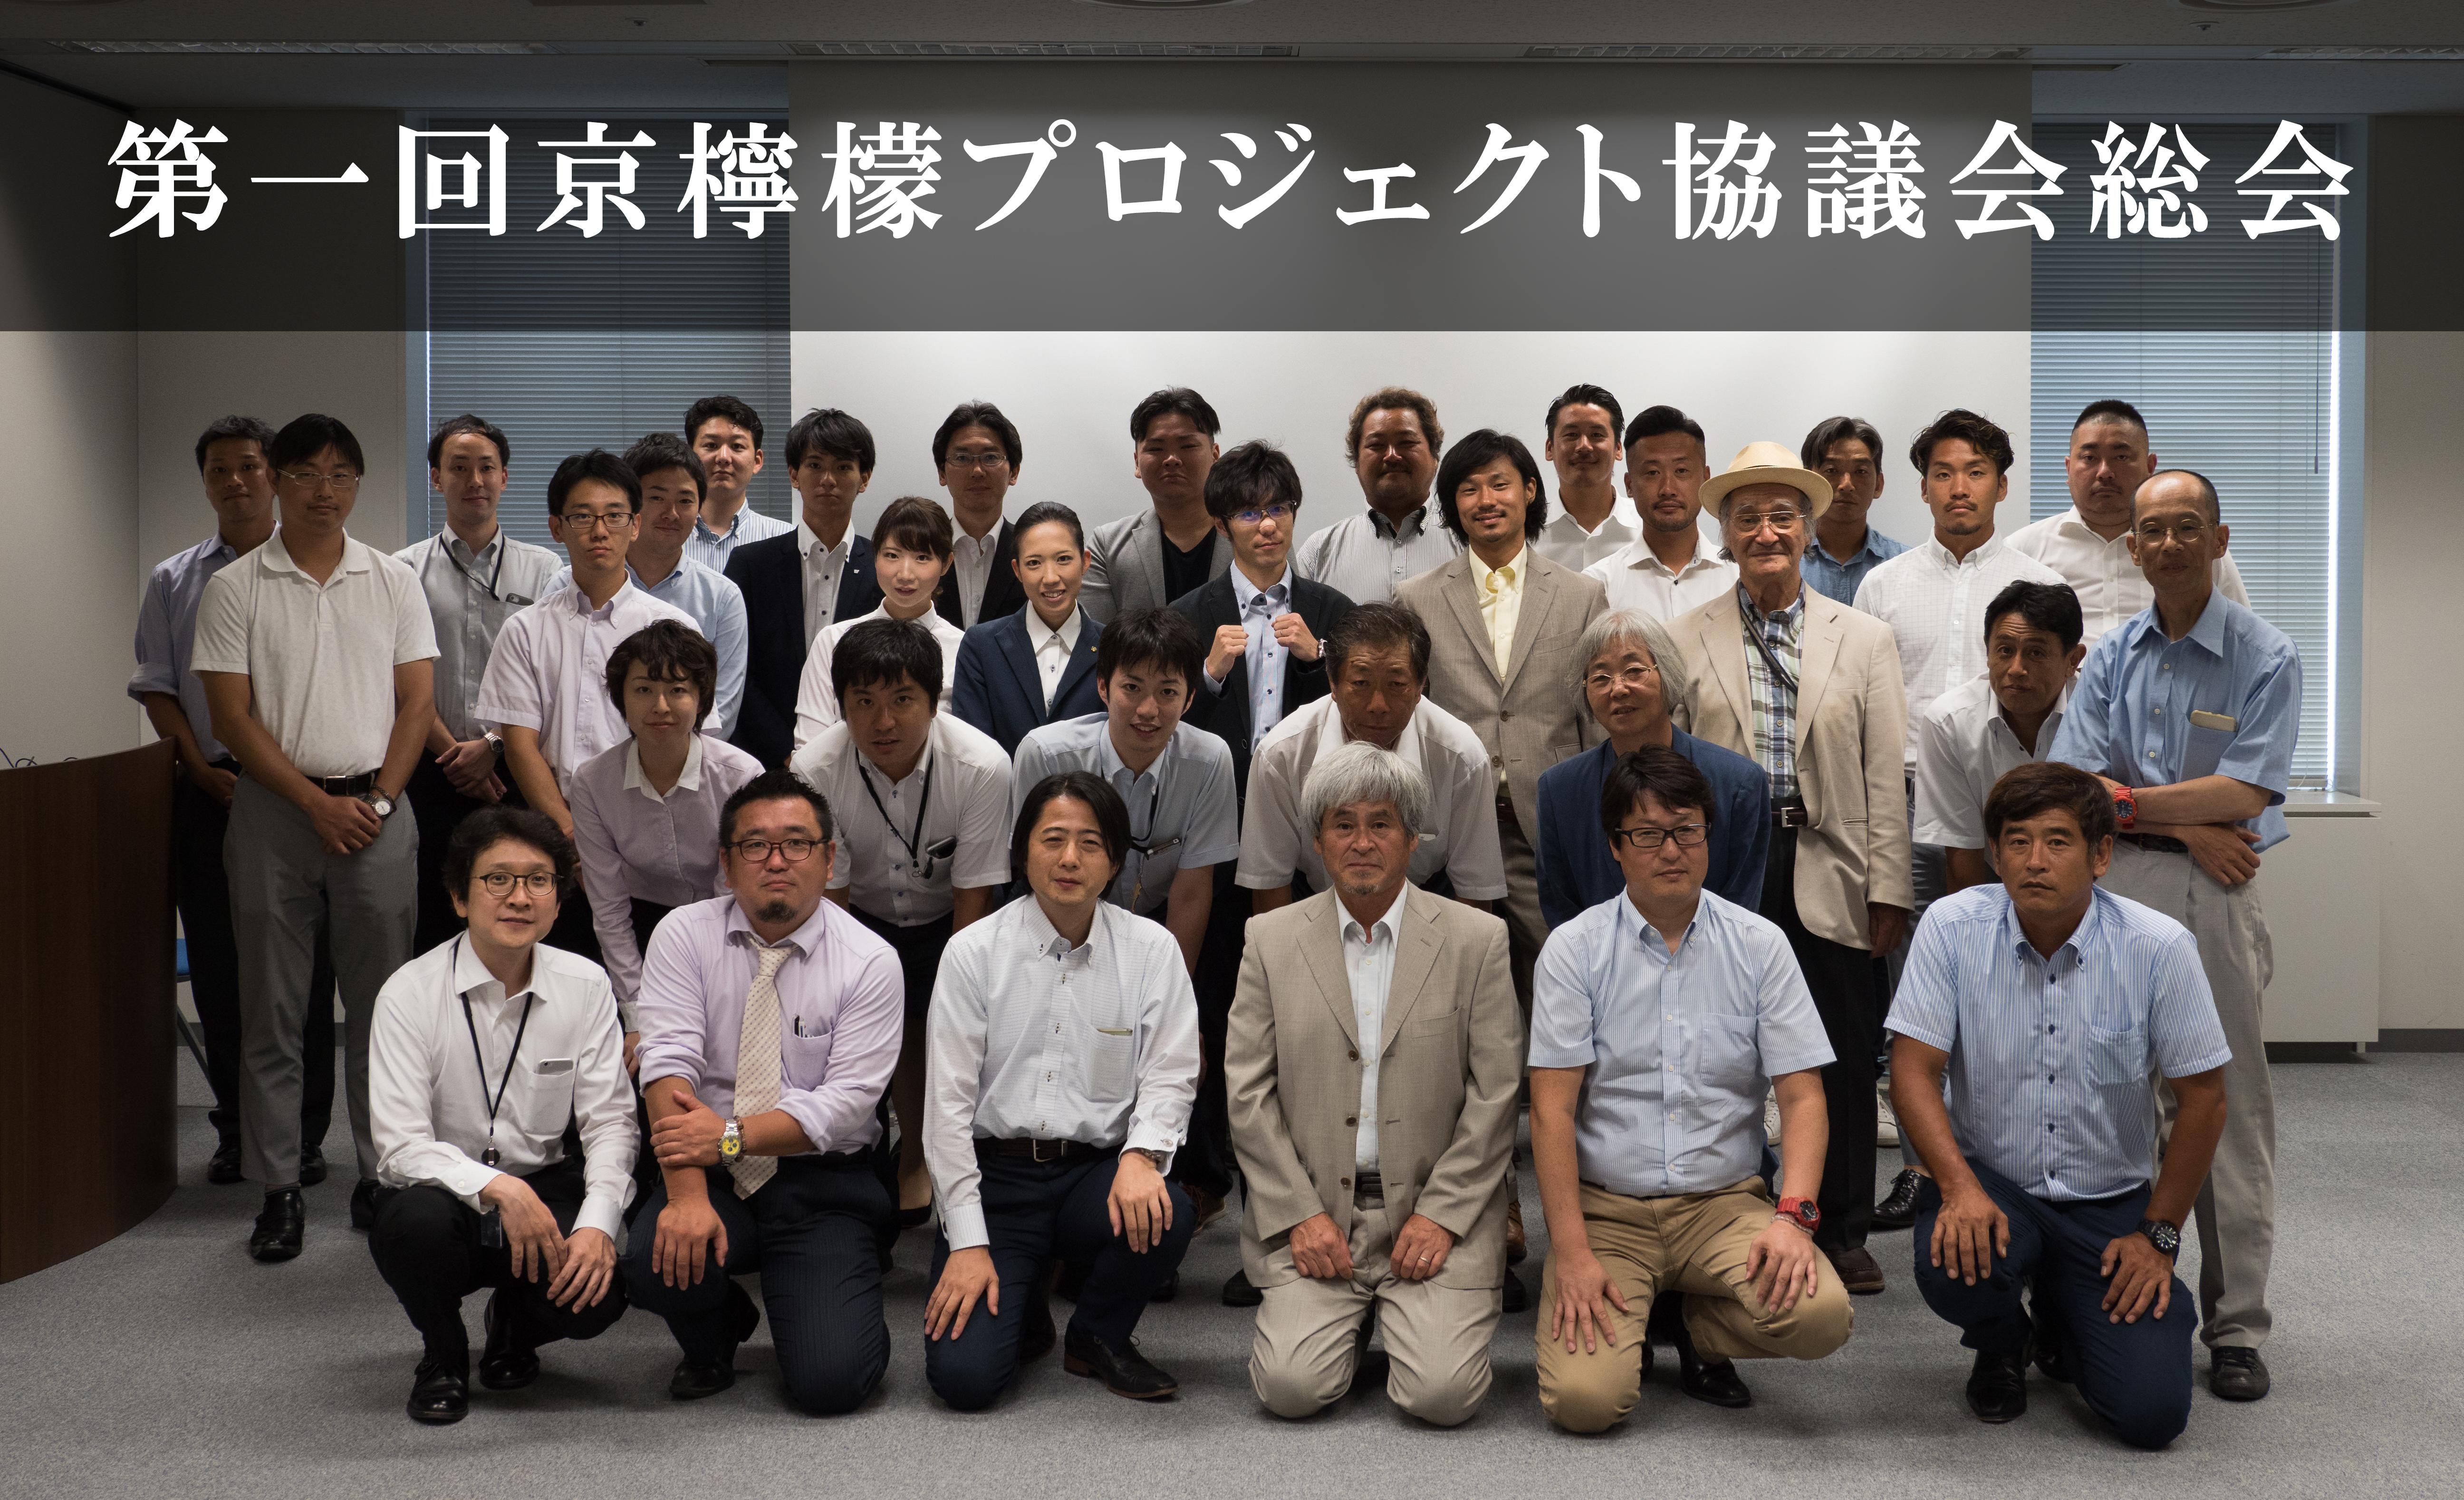 第一回京檸檬プロジェクト総会開催